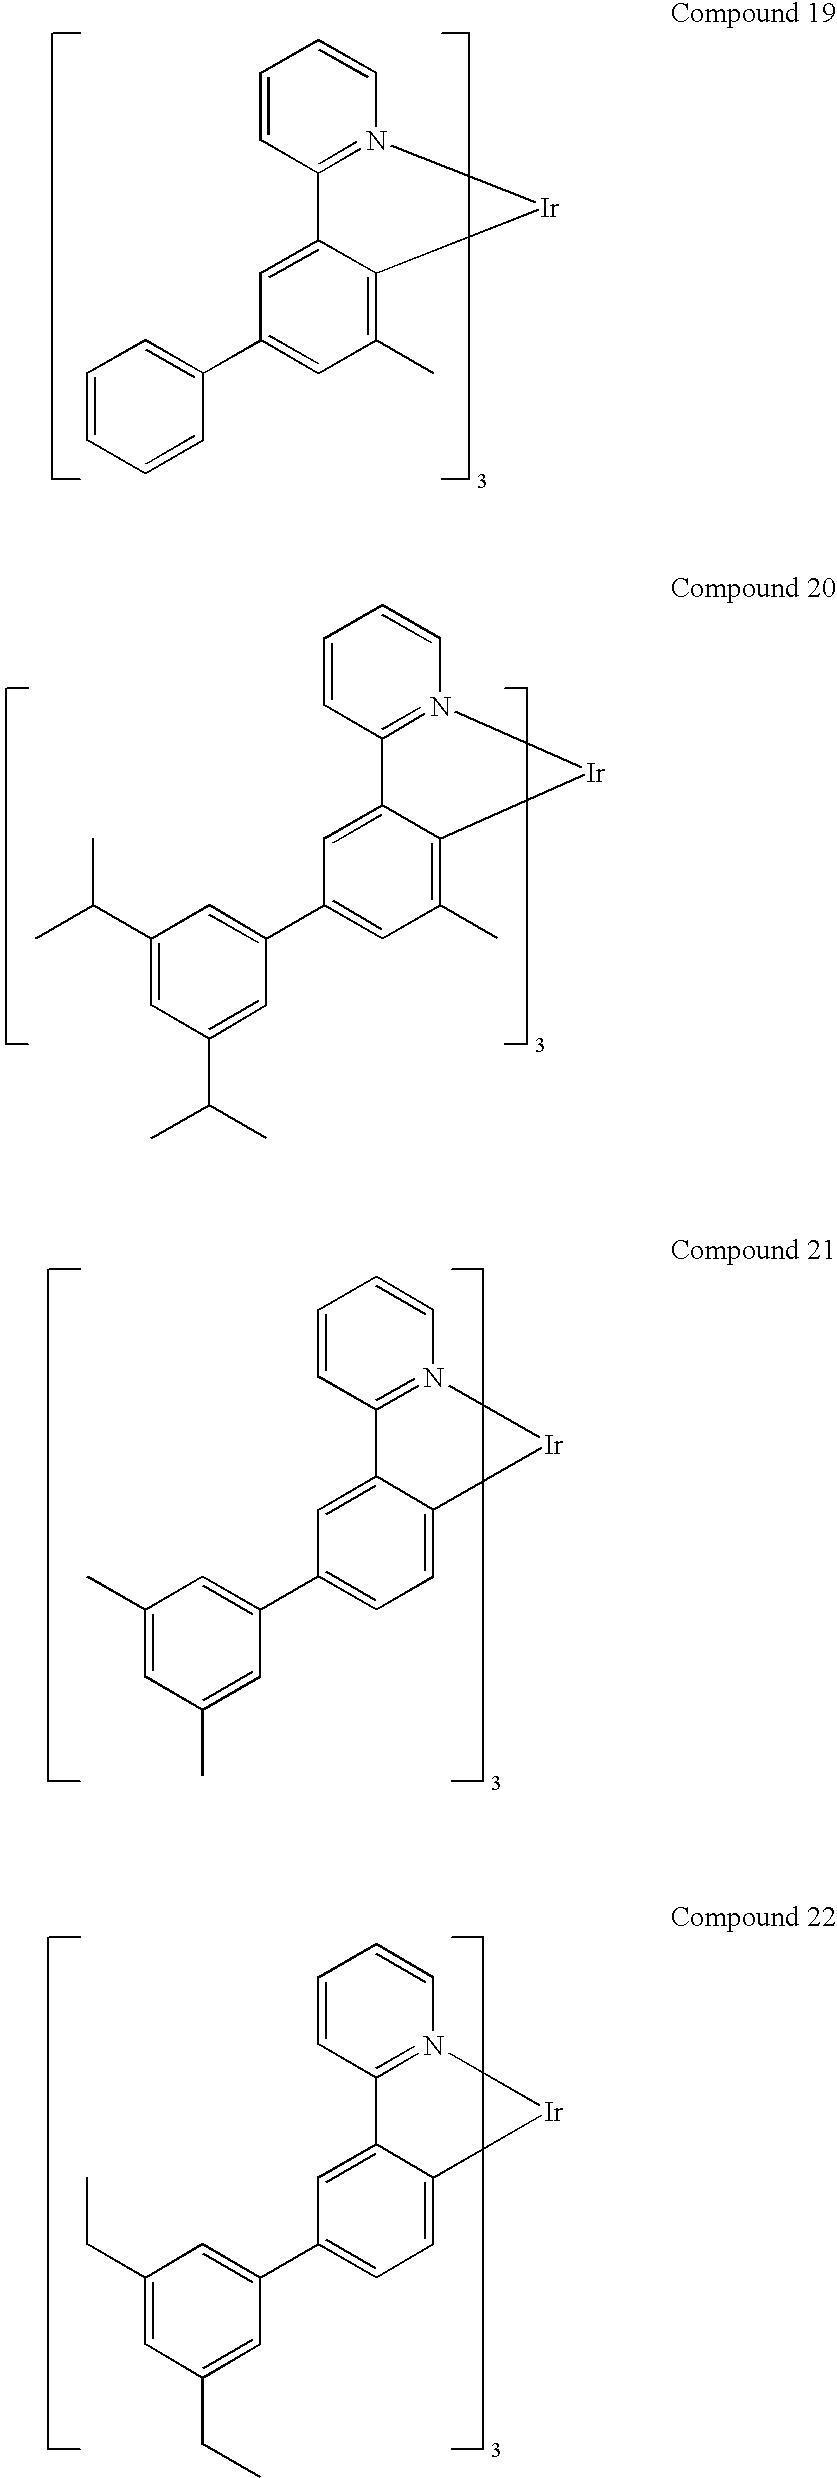 Figure US20090108737A1-20090430-C00009